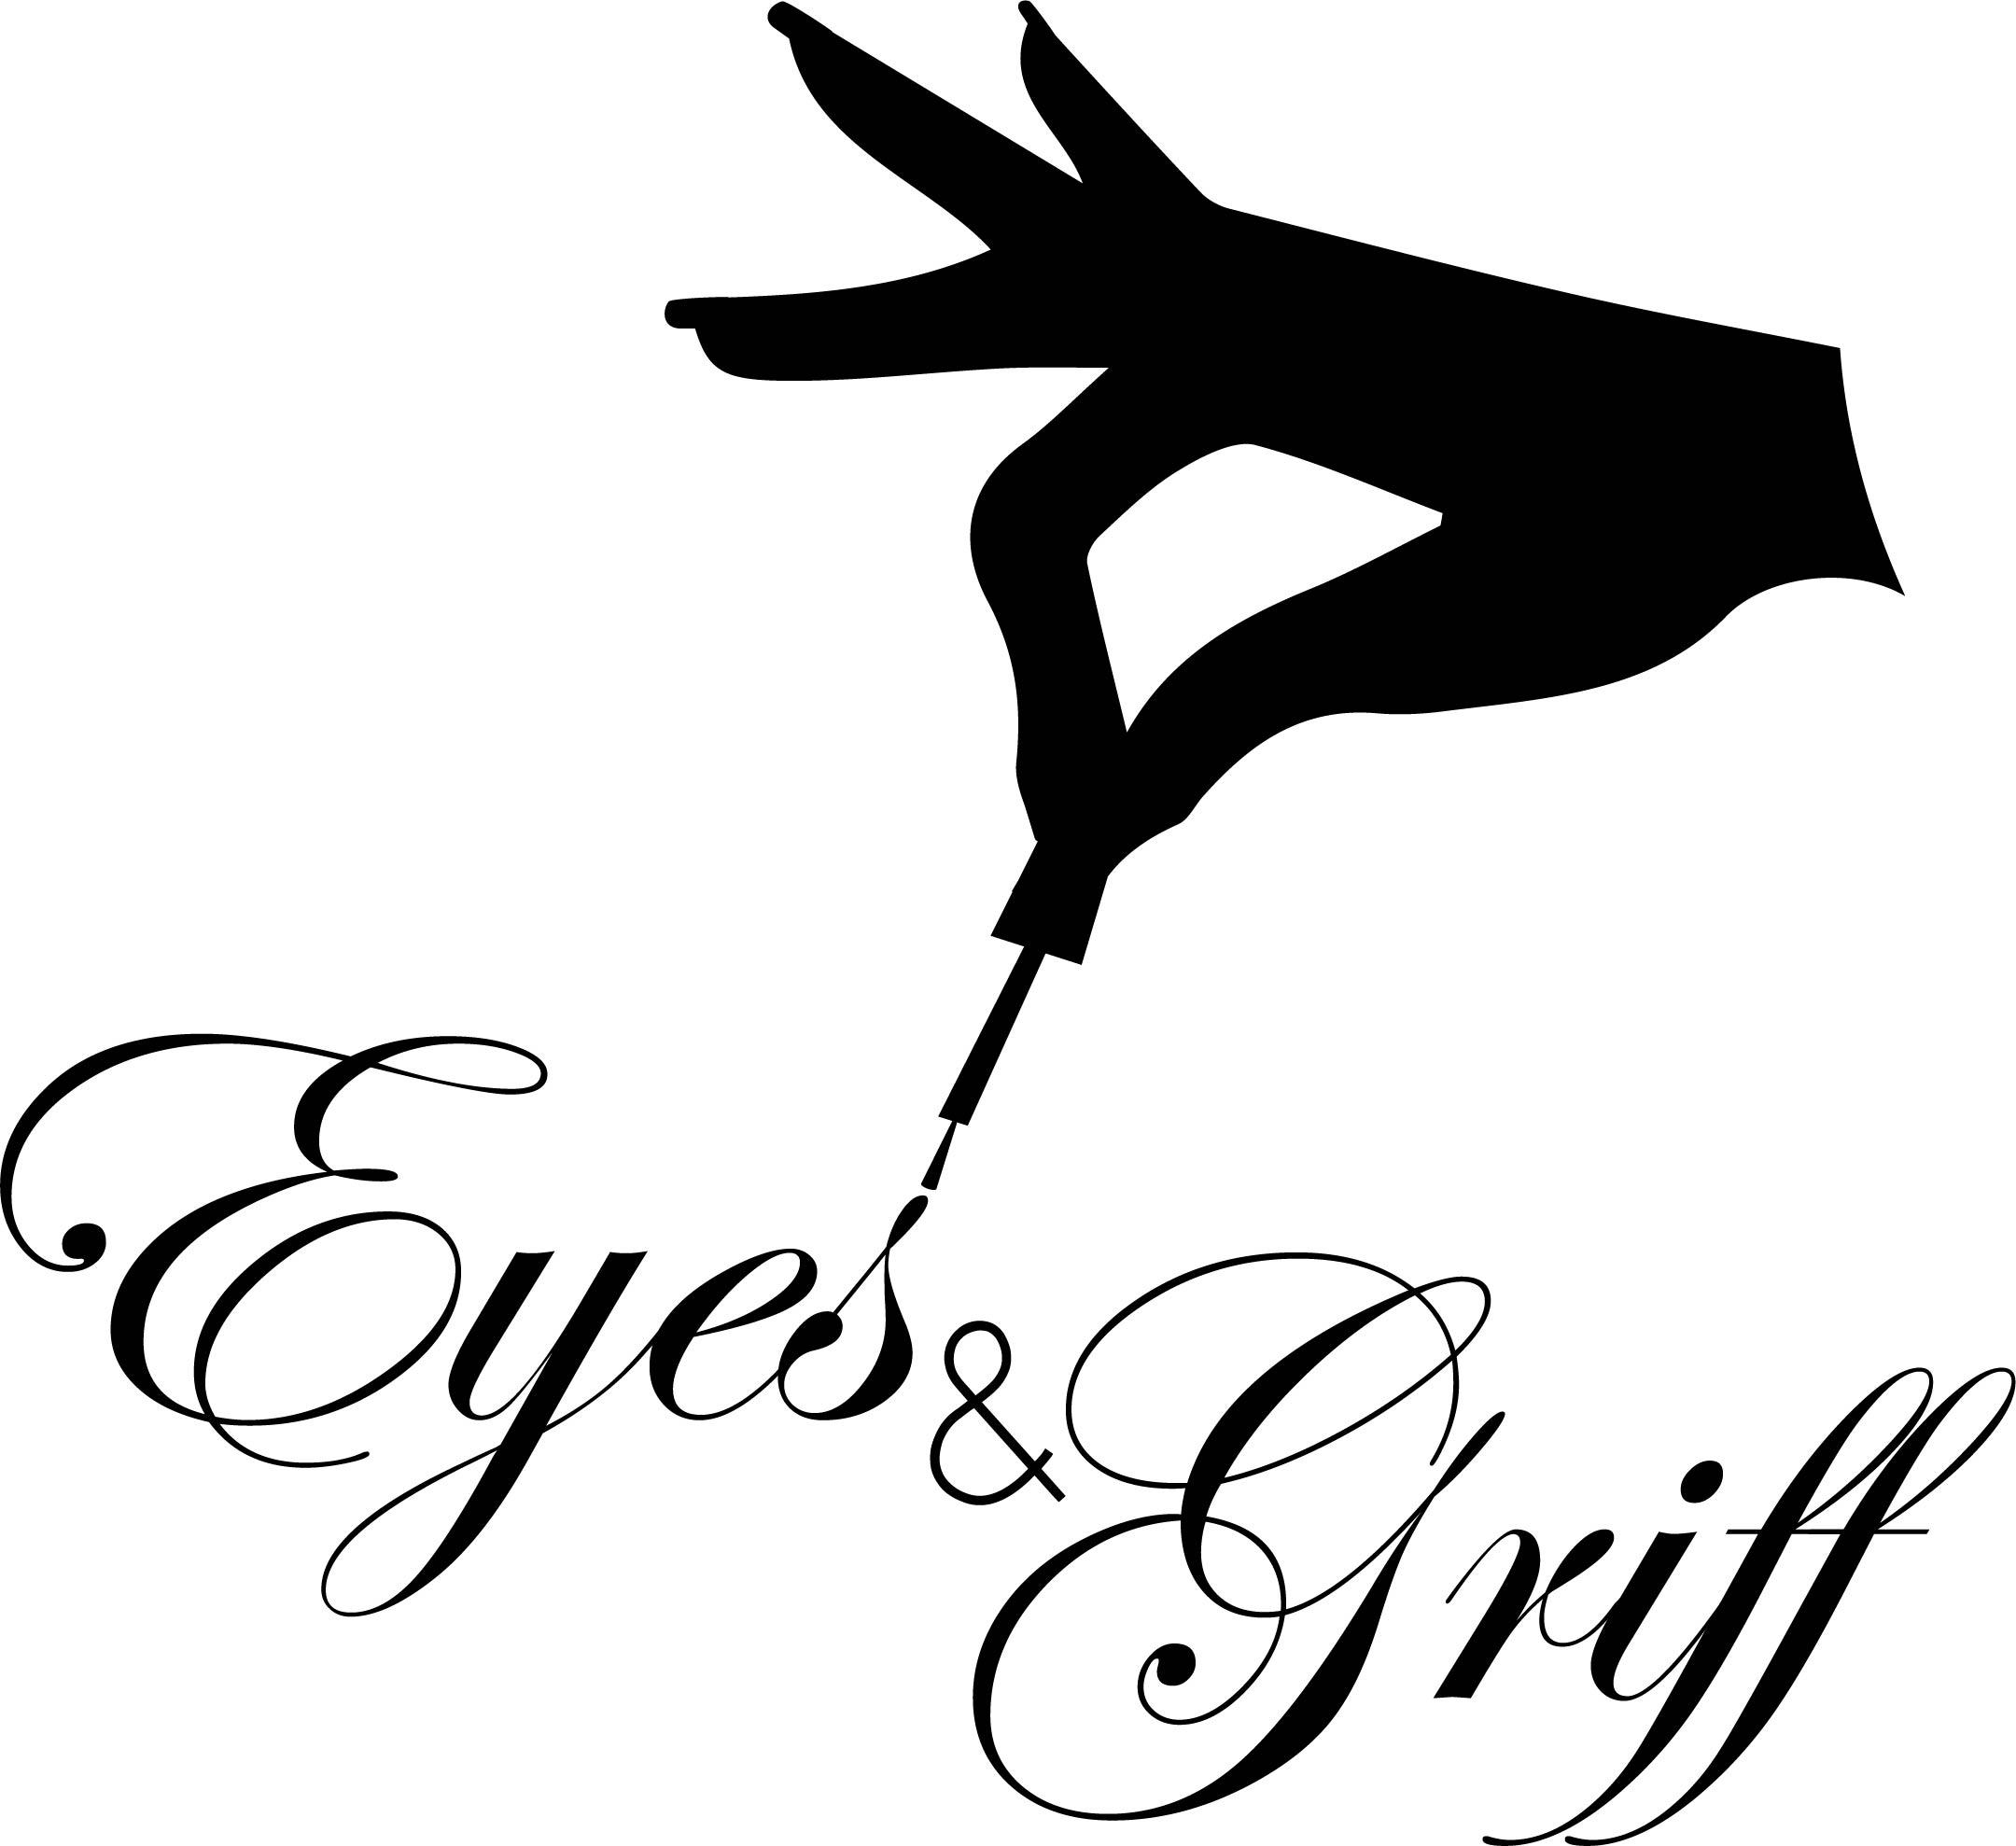 Eyes & Griff